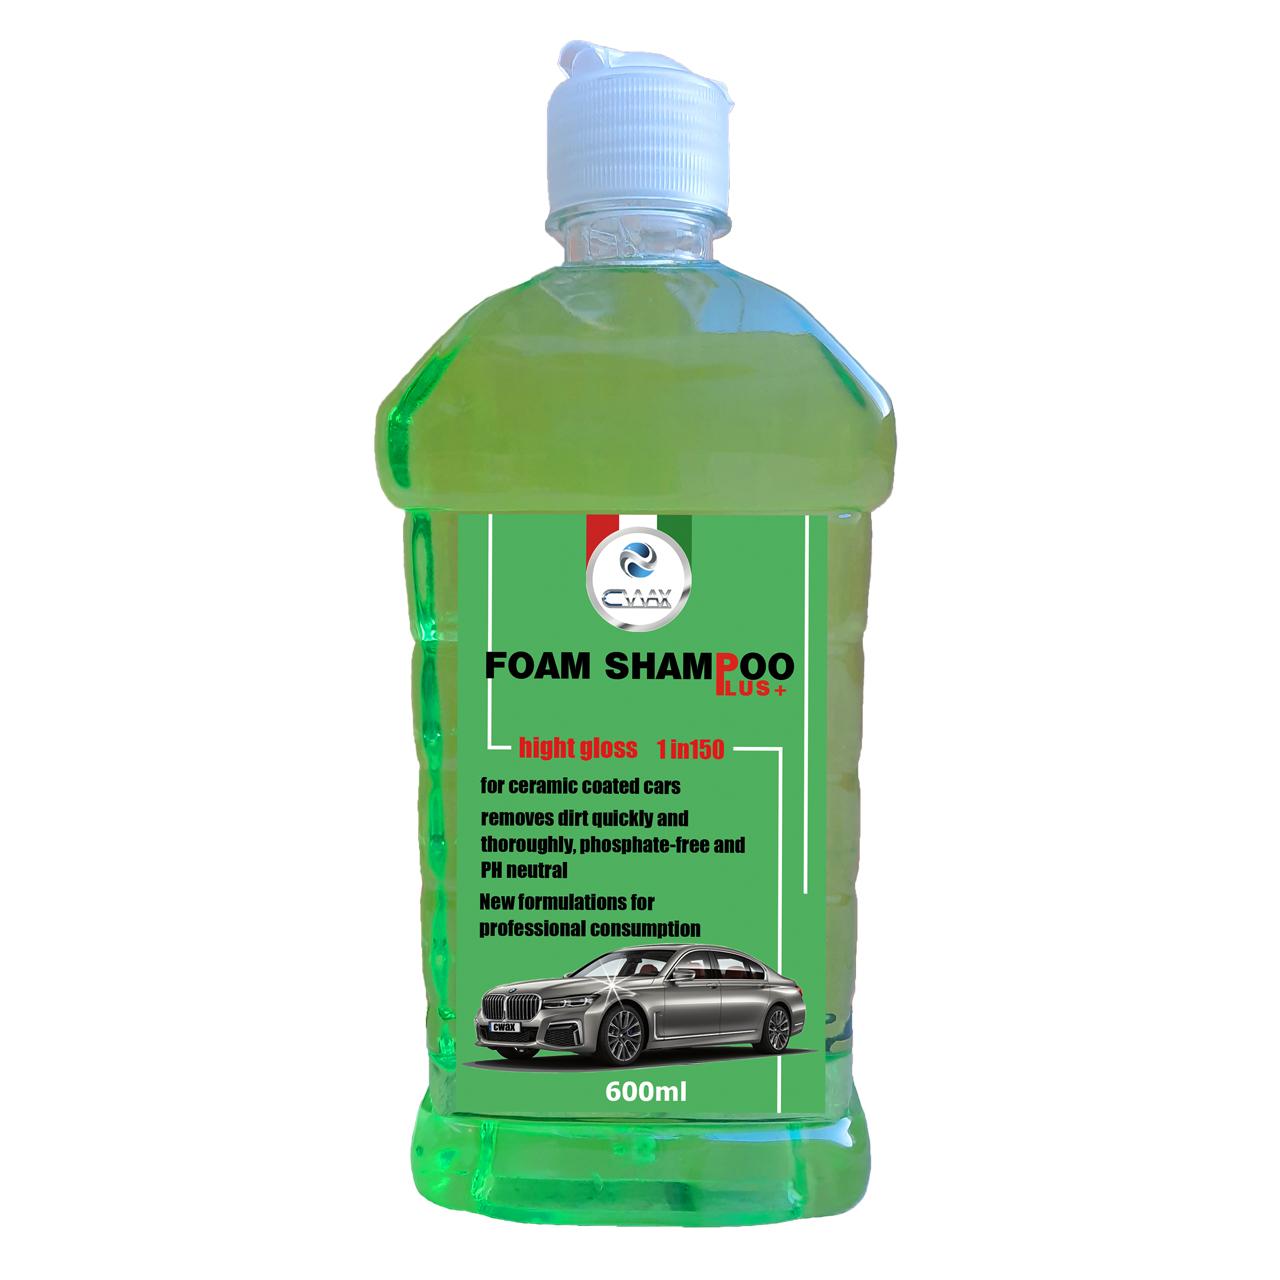 شامپو براق کننده و تمیزکننده خودرو سیواکس مدل cw-60099 حجم ۶۰۰ میلی لیتر